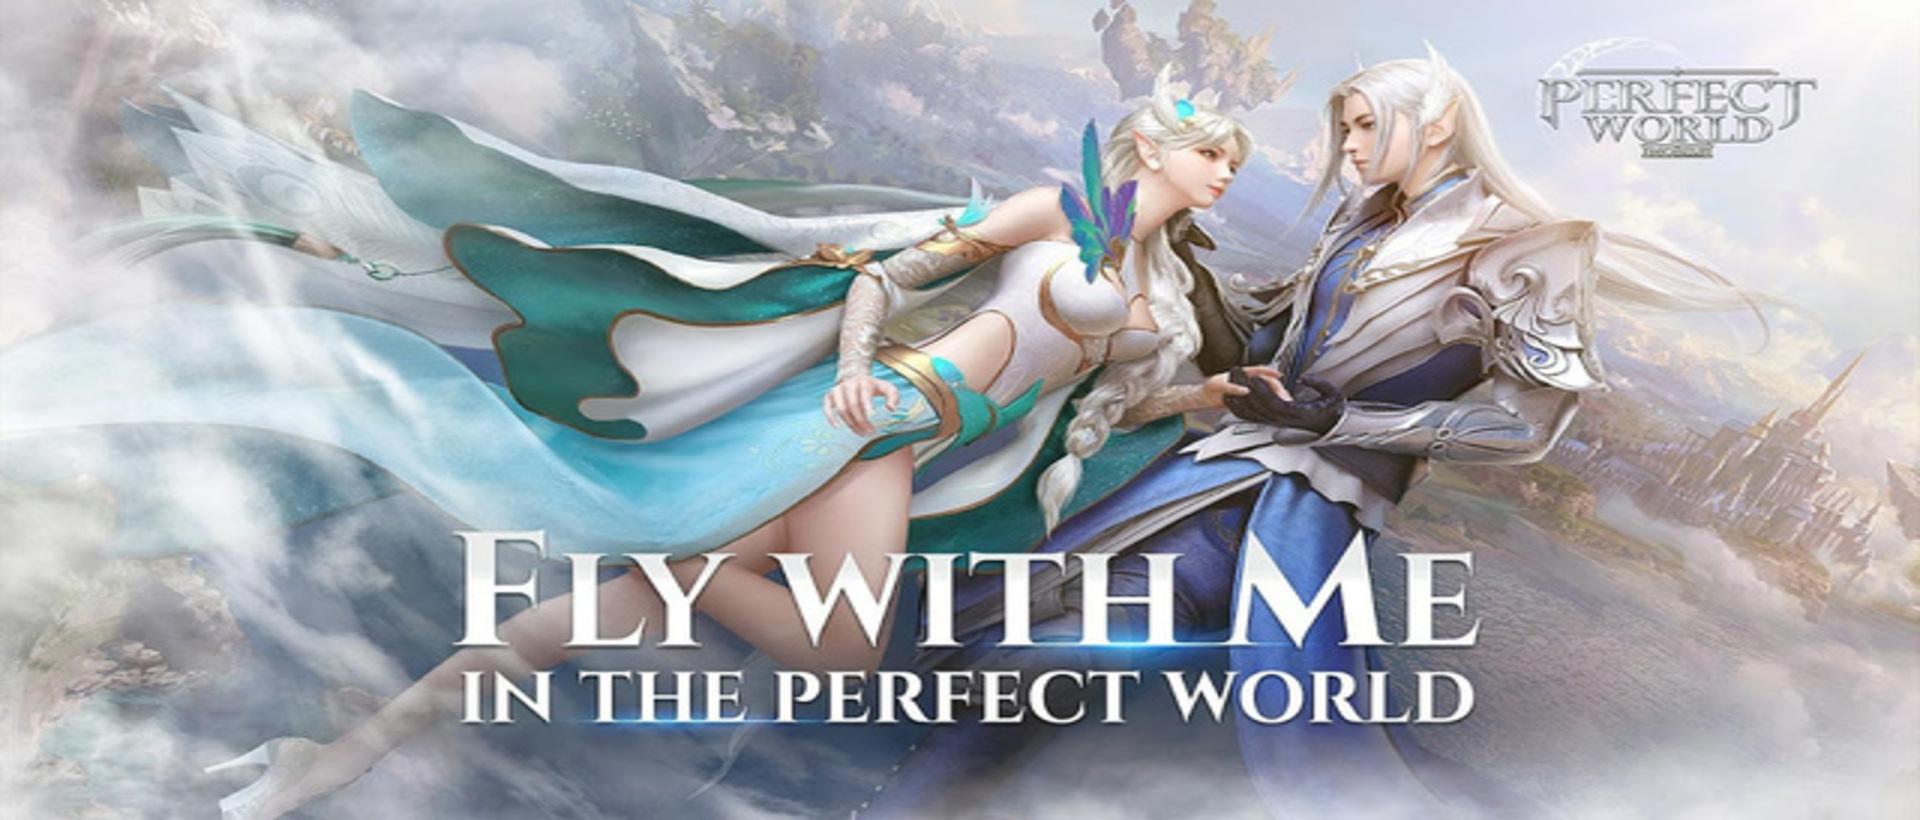 TG Hoàn Mỹ - Perfect World VNG